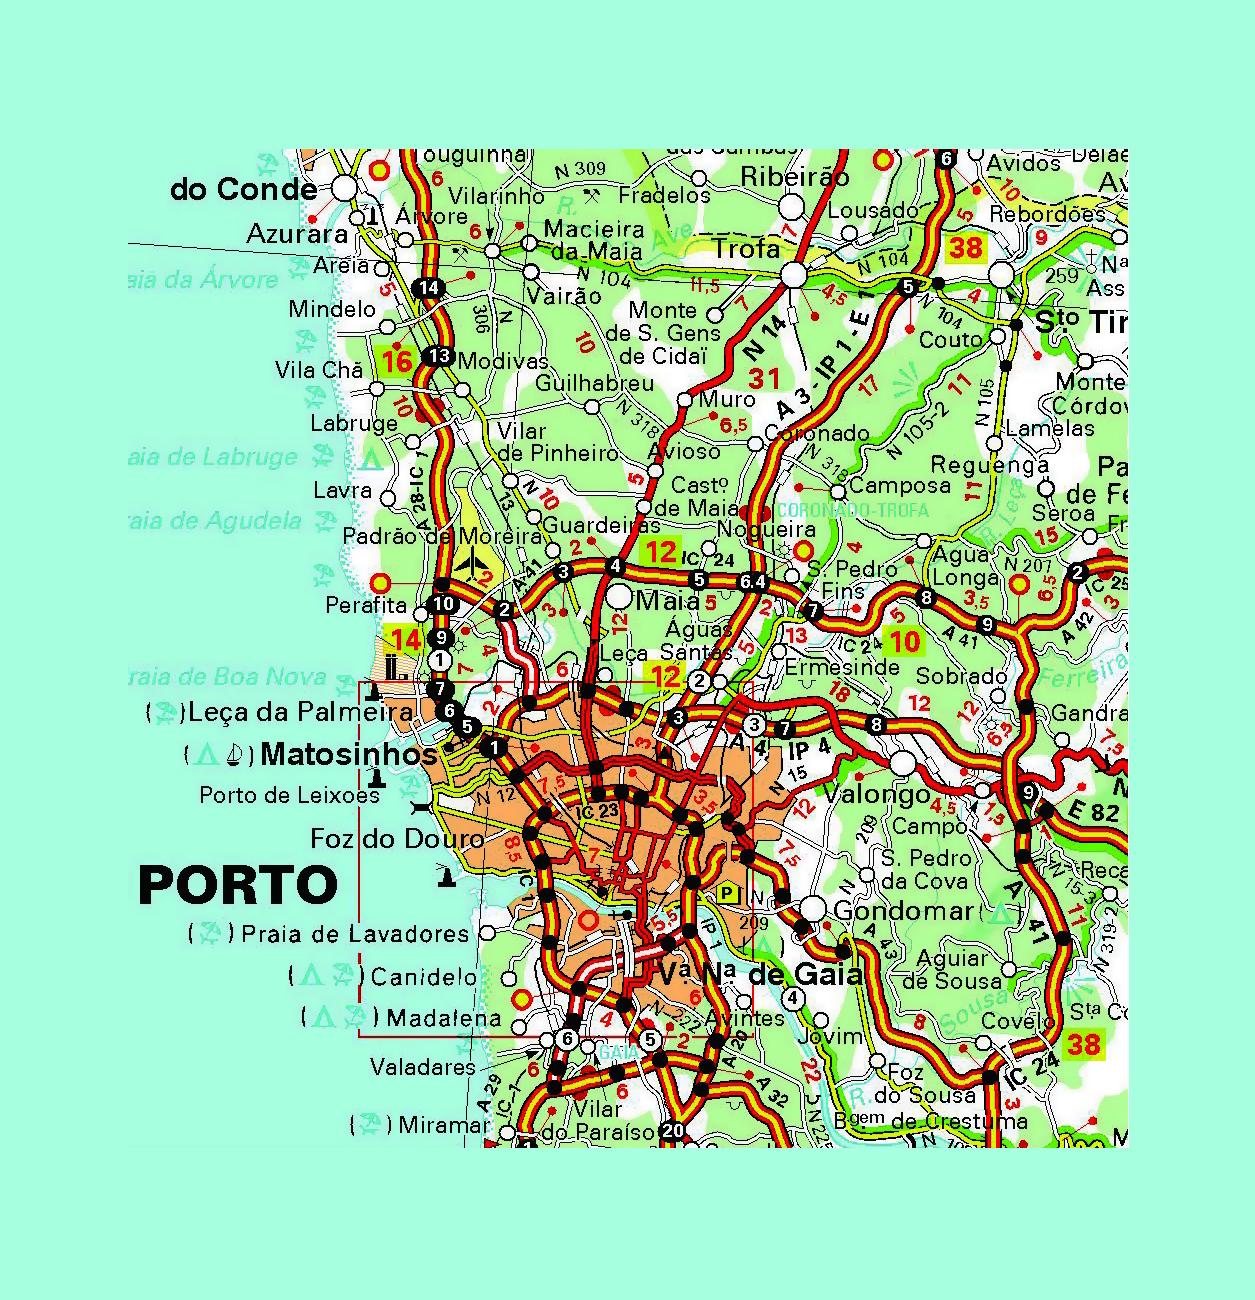 Oporto En El Mapa.Detallado Carreteras Mapa De La Ciudad De Oporto Y Sus Alrededores Con Otras Marcas Porto Portugal Europa Mapas Del Mundo